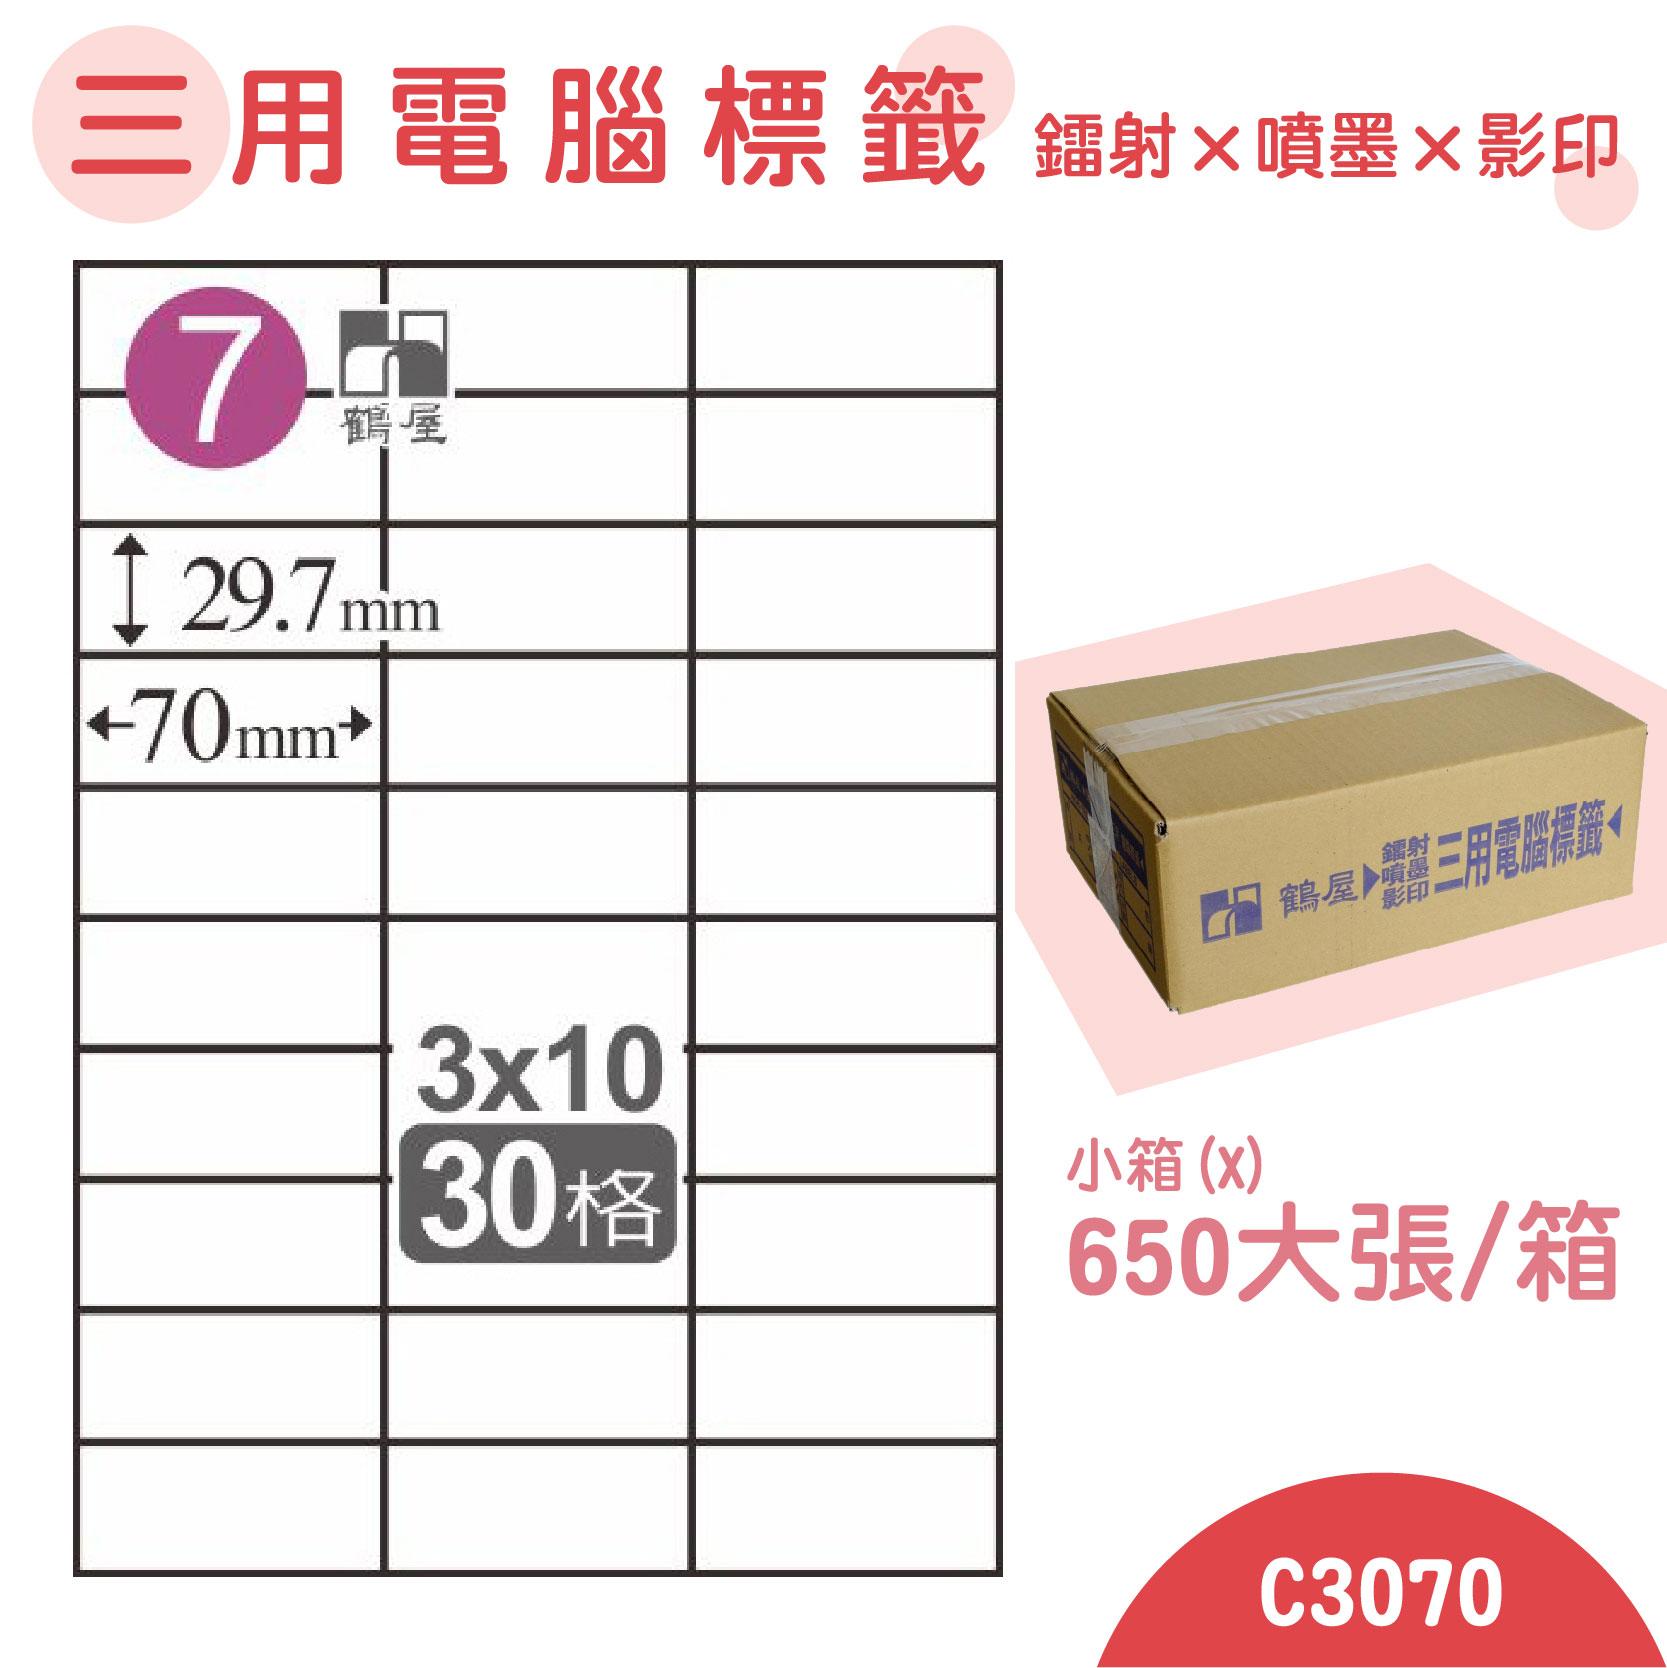 電腦標籤紙(鶴屋) 白色 C3070 30格 650大張/小箱 影印 雷射 噴墨 三用 標籤 貼紙 信封 光碟 名條